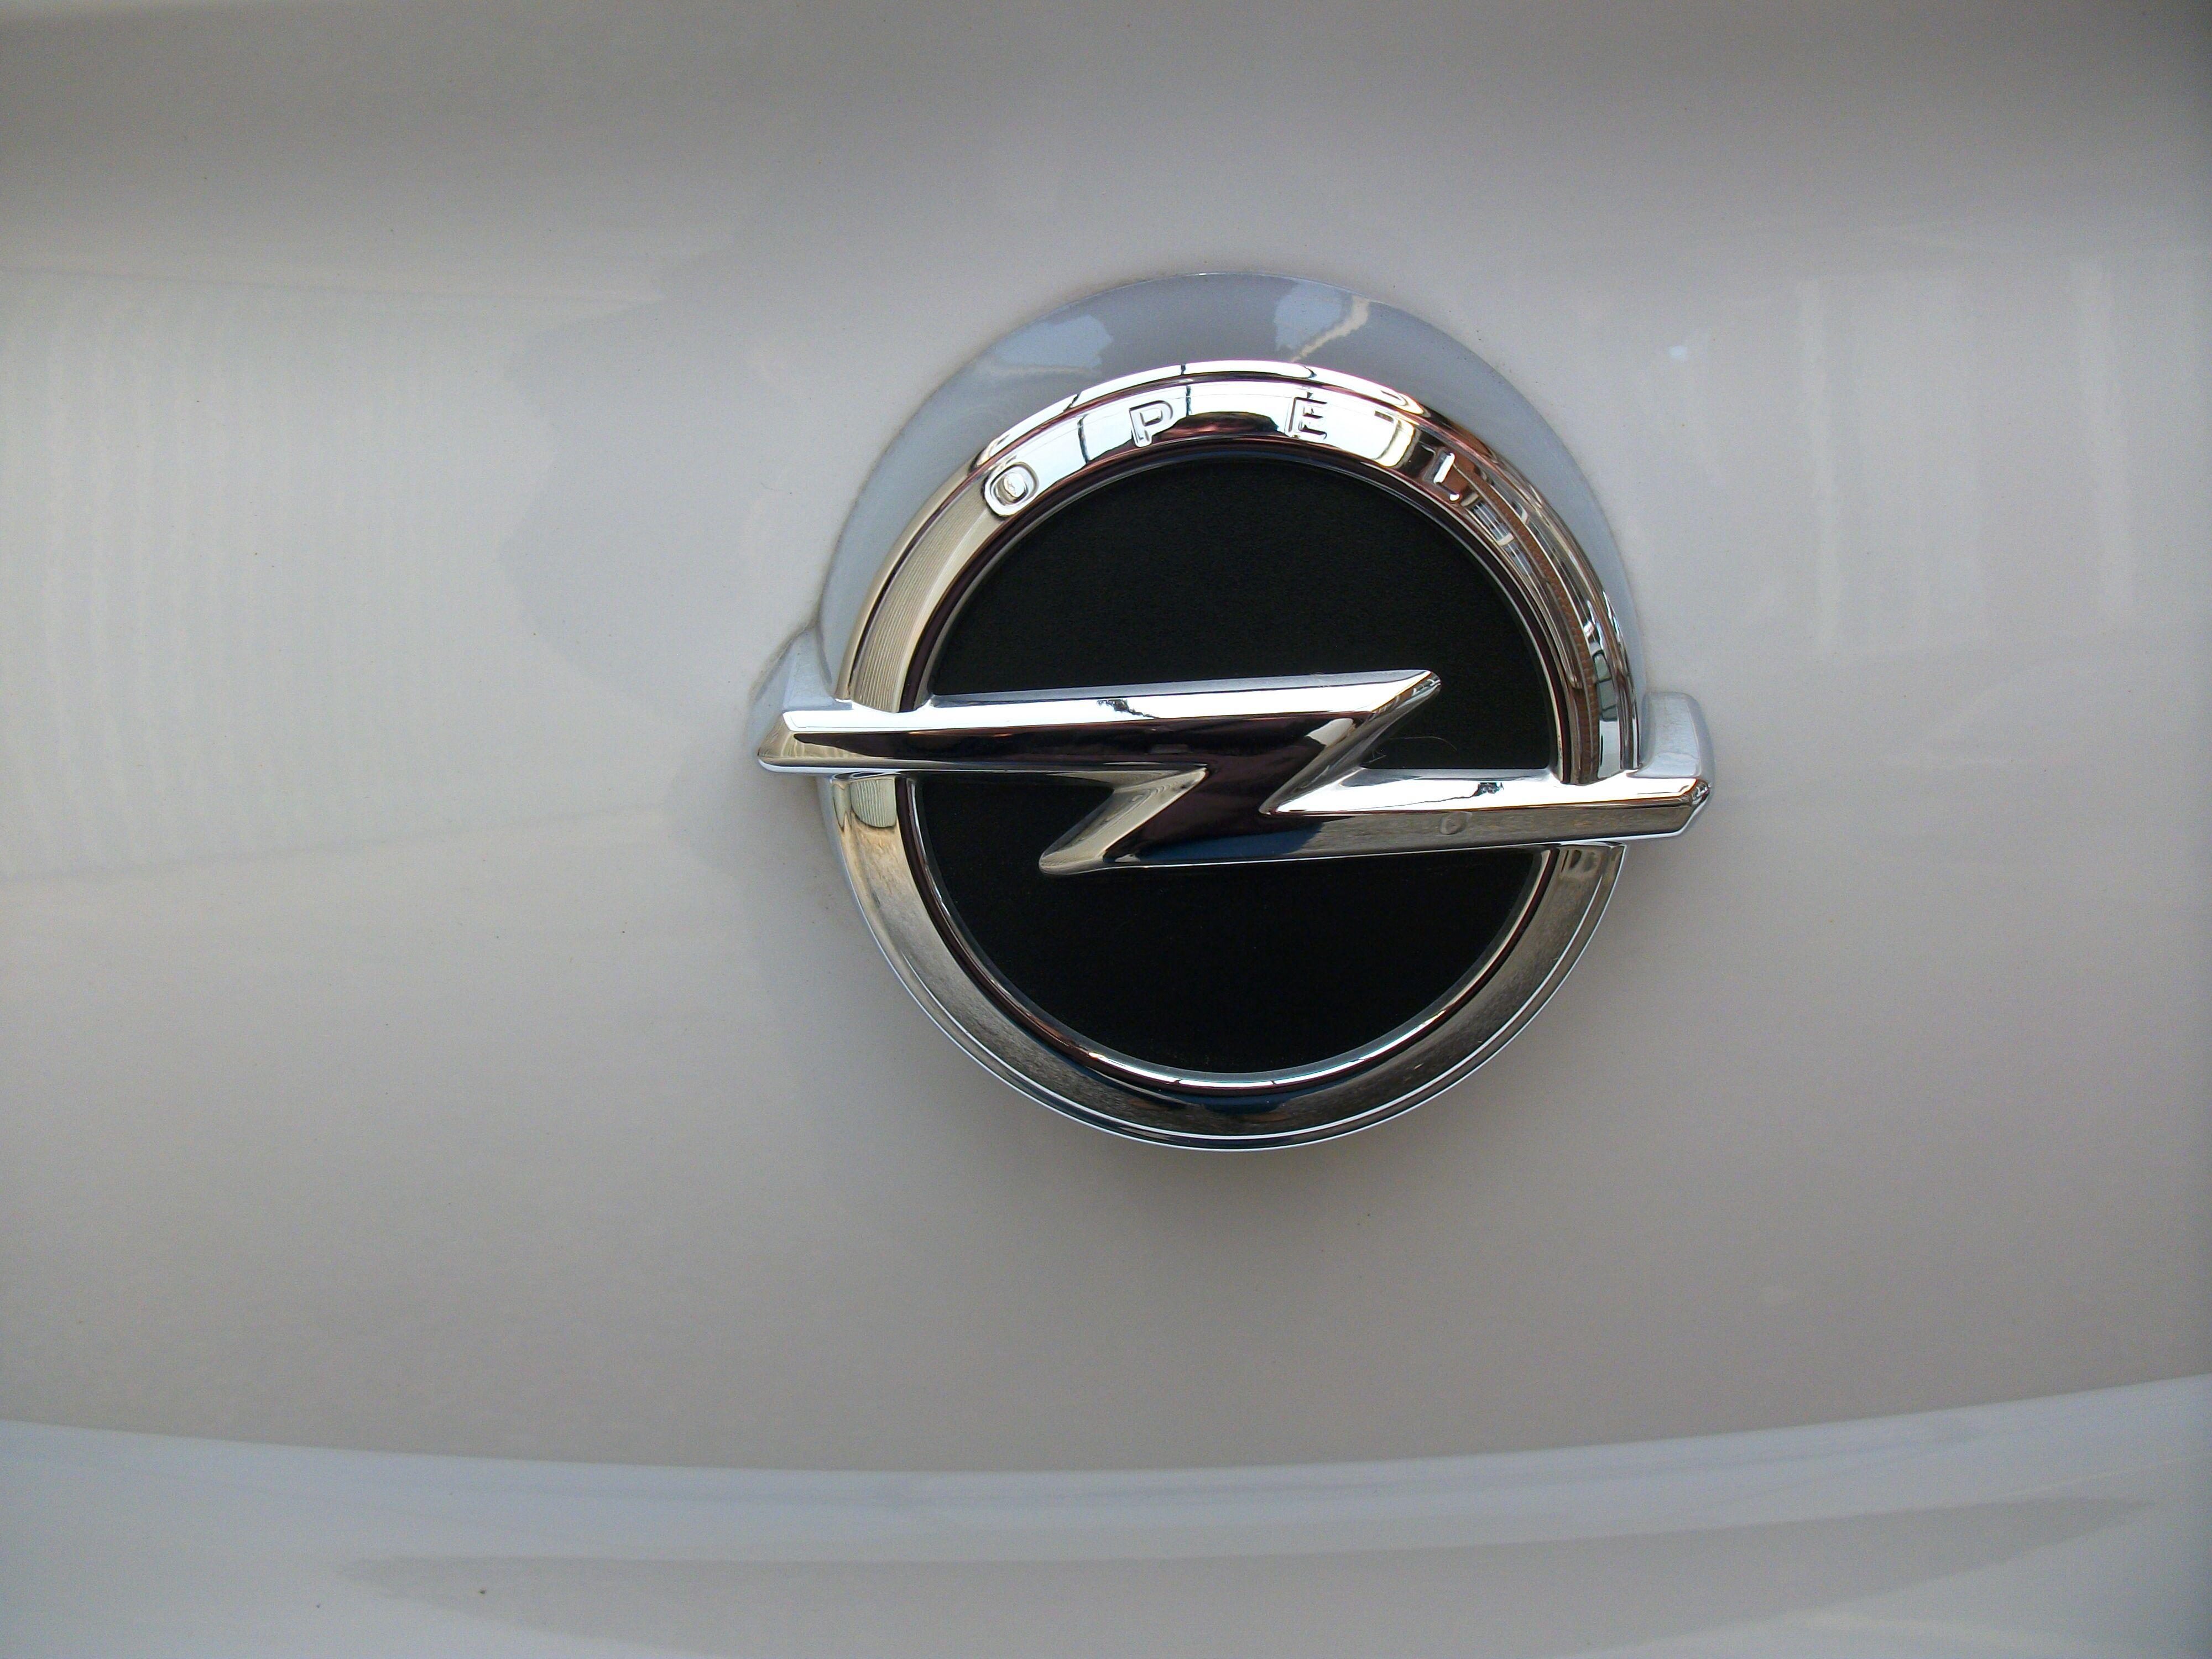 Opel Corsa CORSA E 1.2 Benz. - 5 deur 13/15